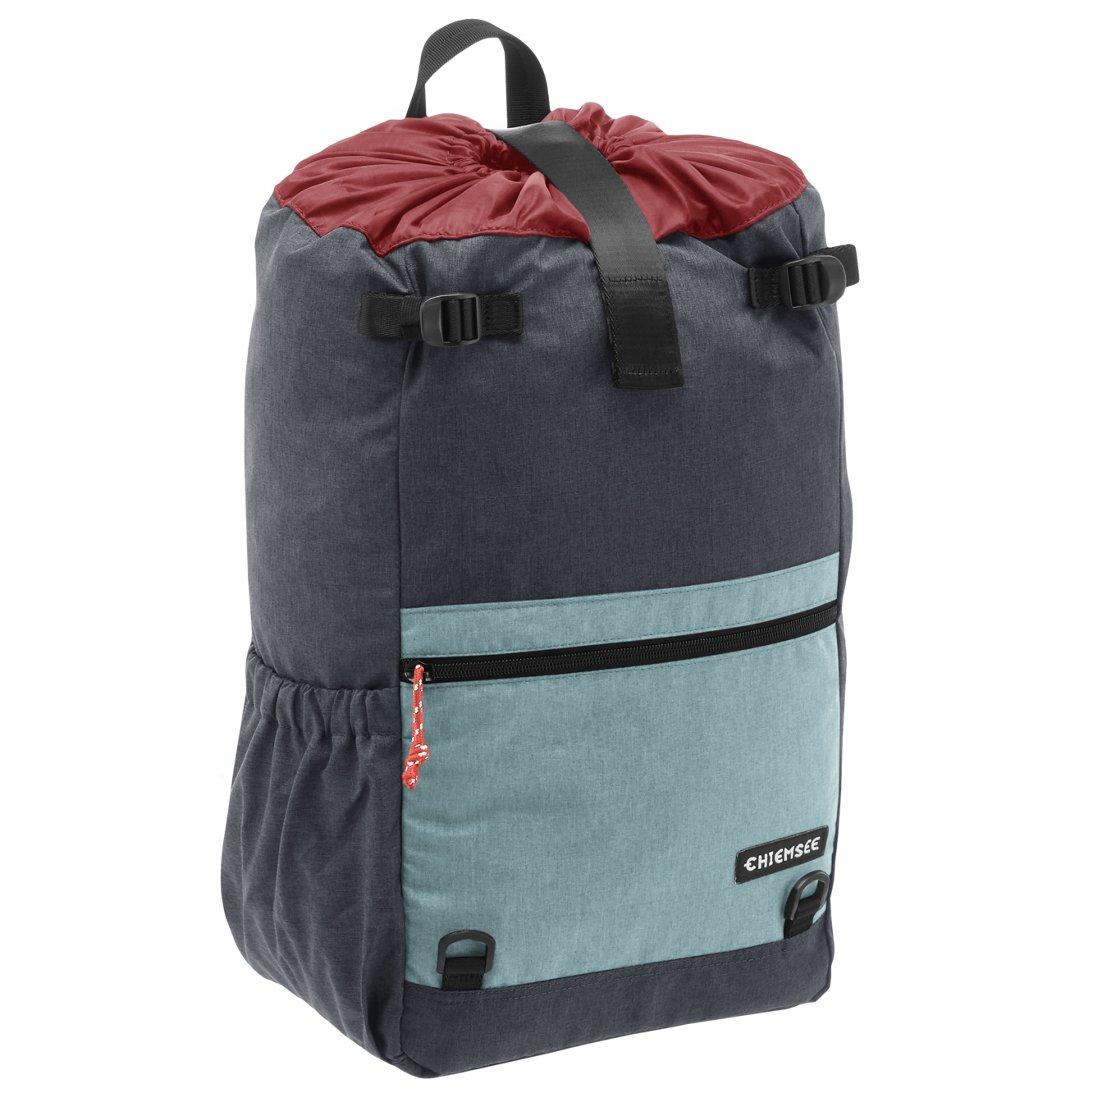 9d4452b3bb8d1 Chiemsee Sports   Travel Bags Casual Rucksack 44 cm - koffer-direkt.de